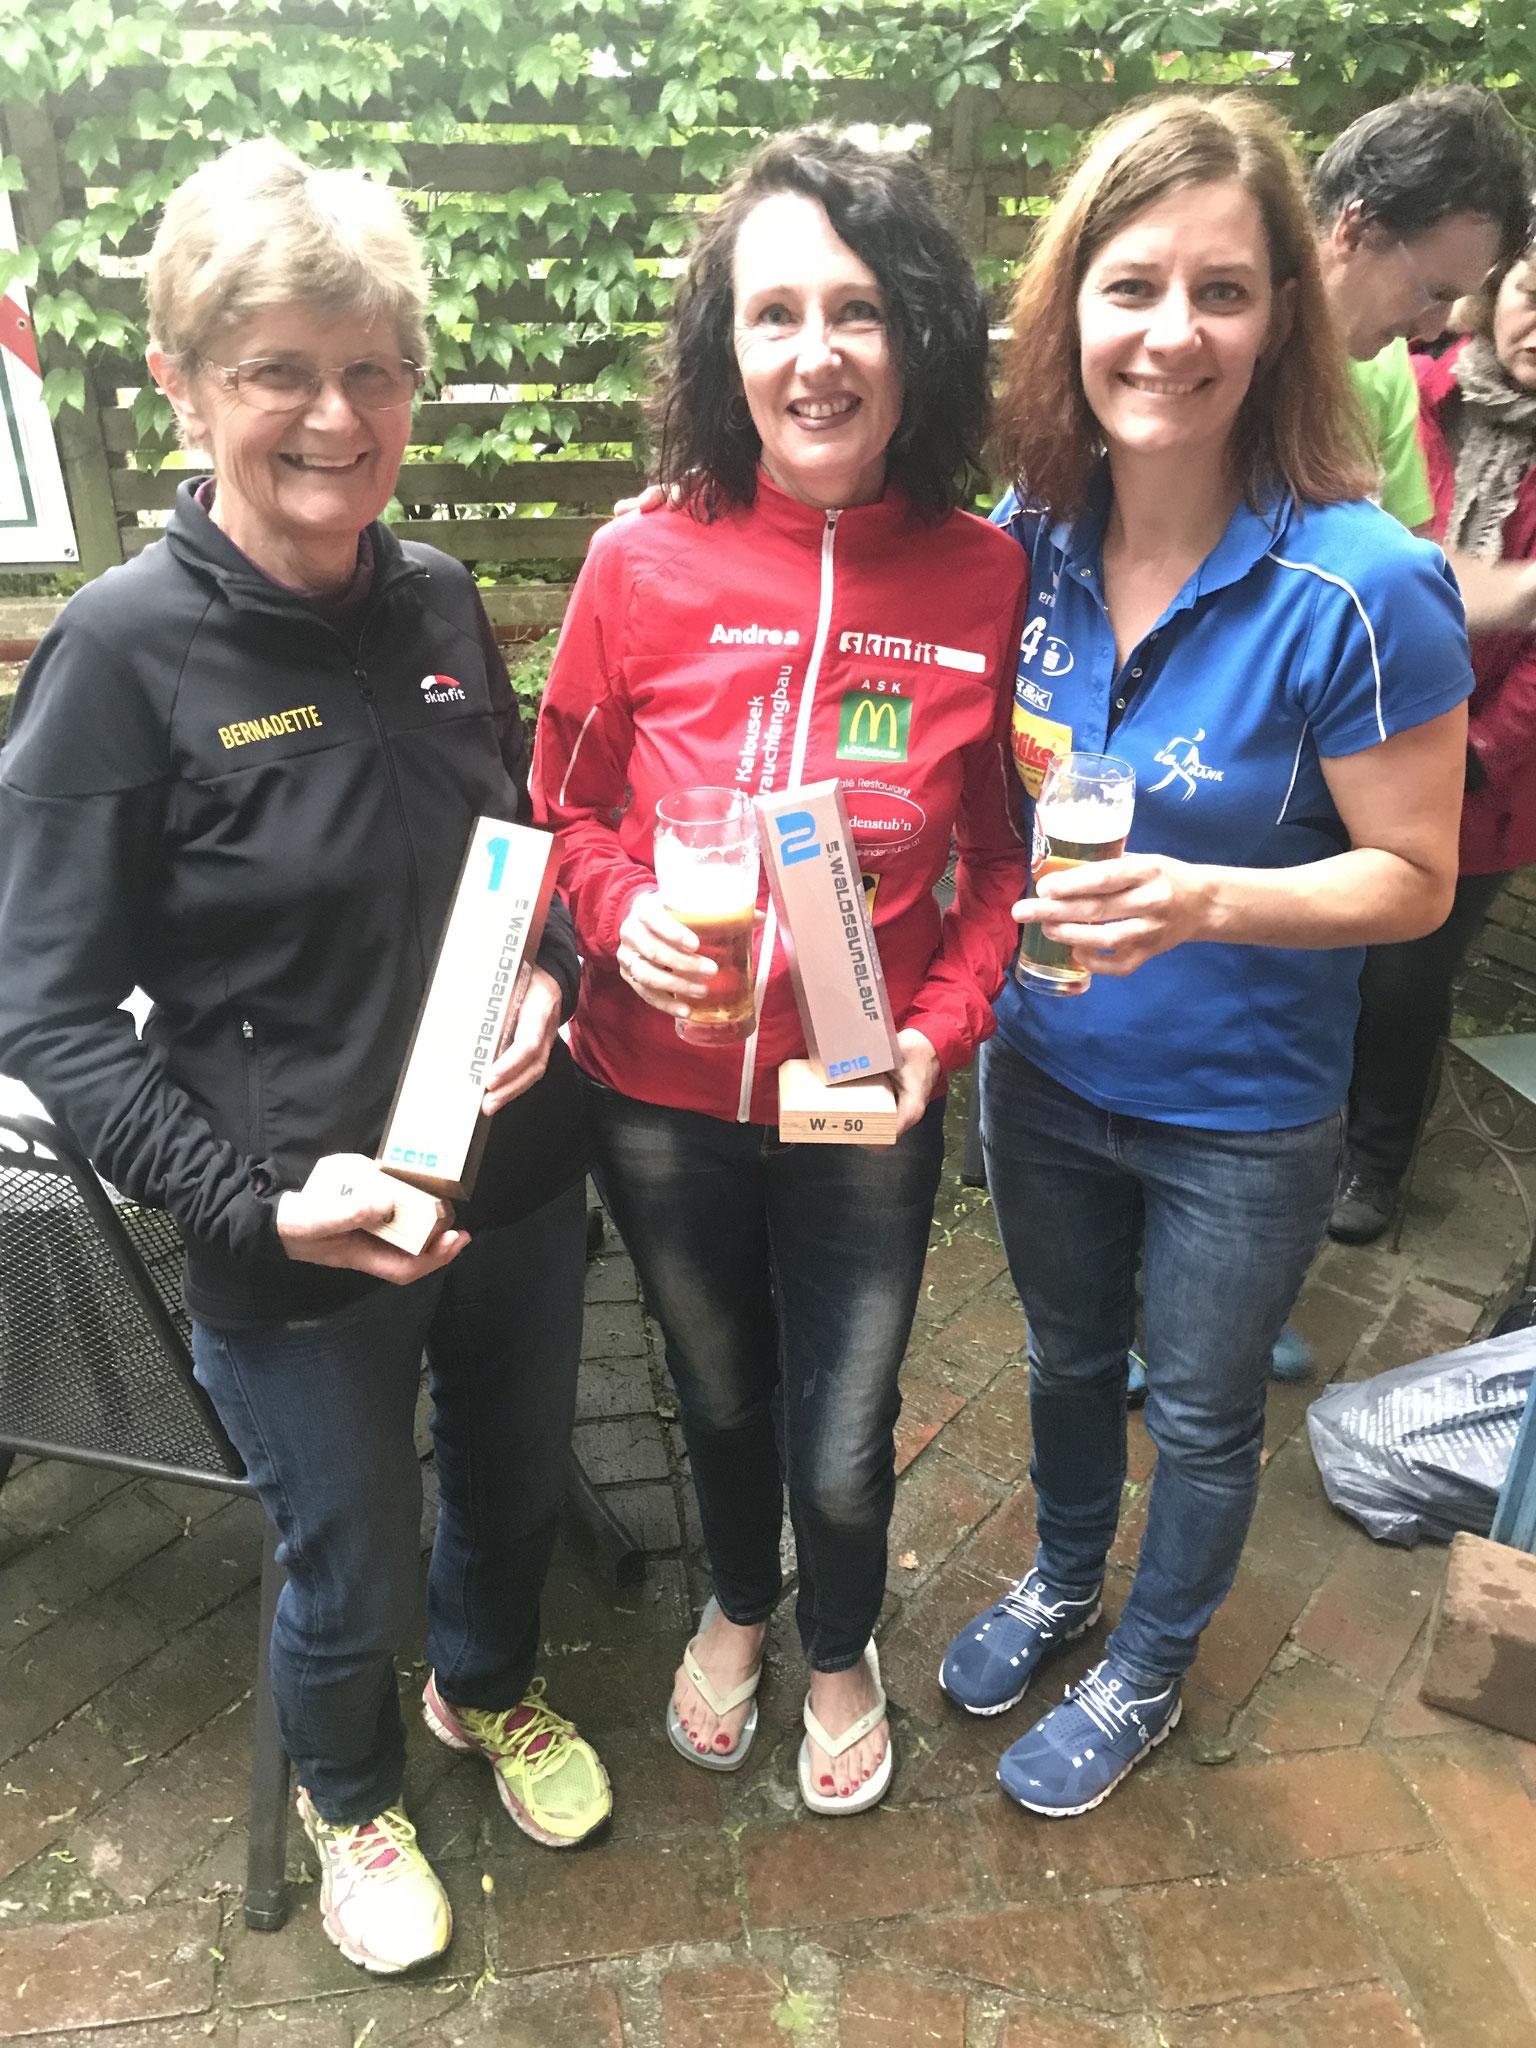 Die 3 feschen Mädels! Unser Andrea gemeinsam mit Bernadette & Michi